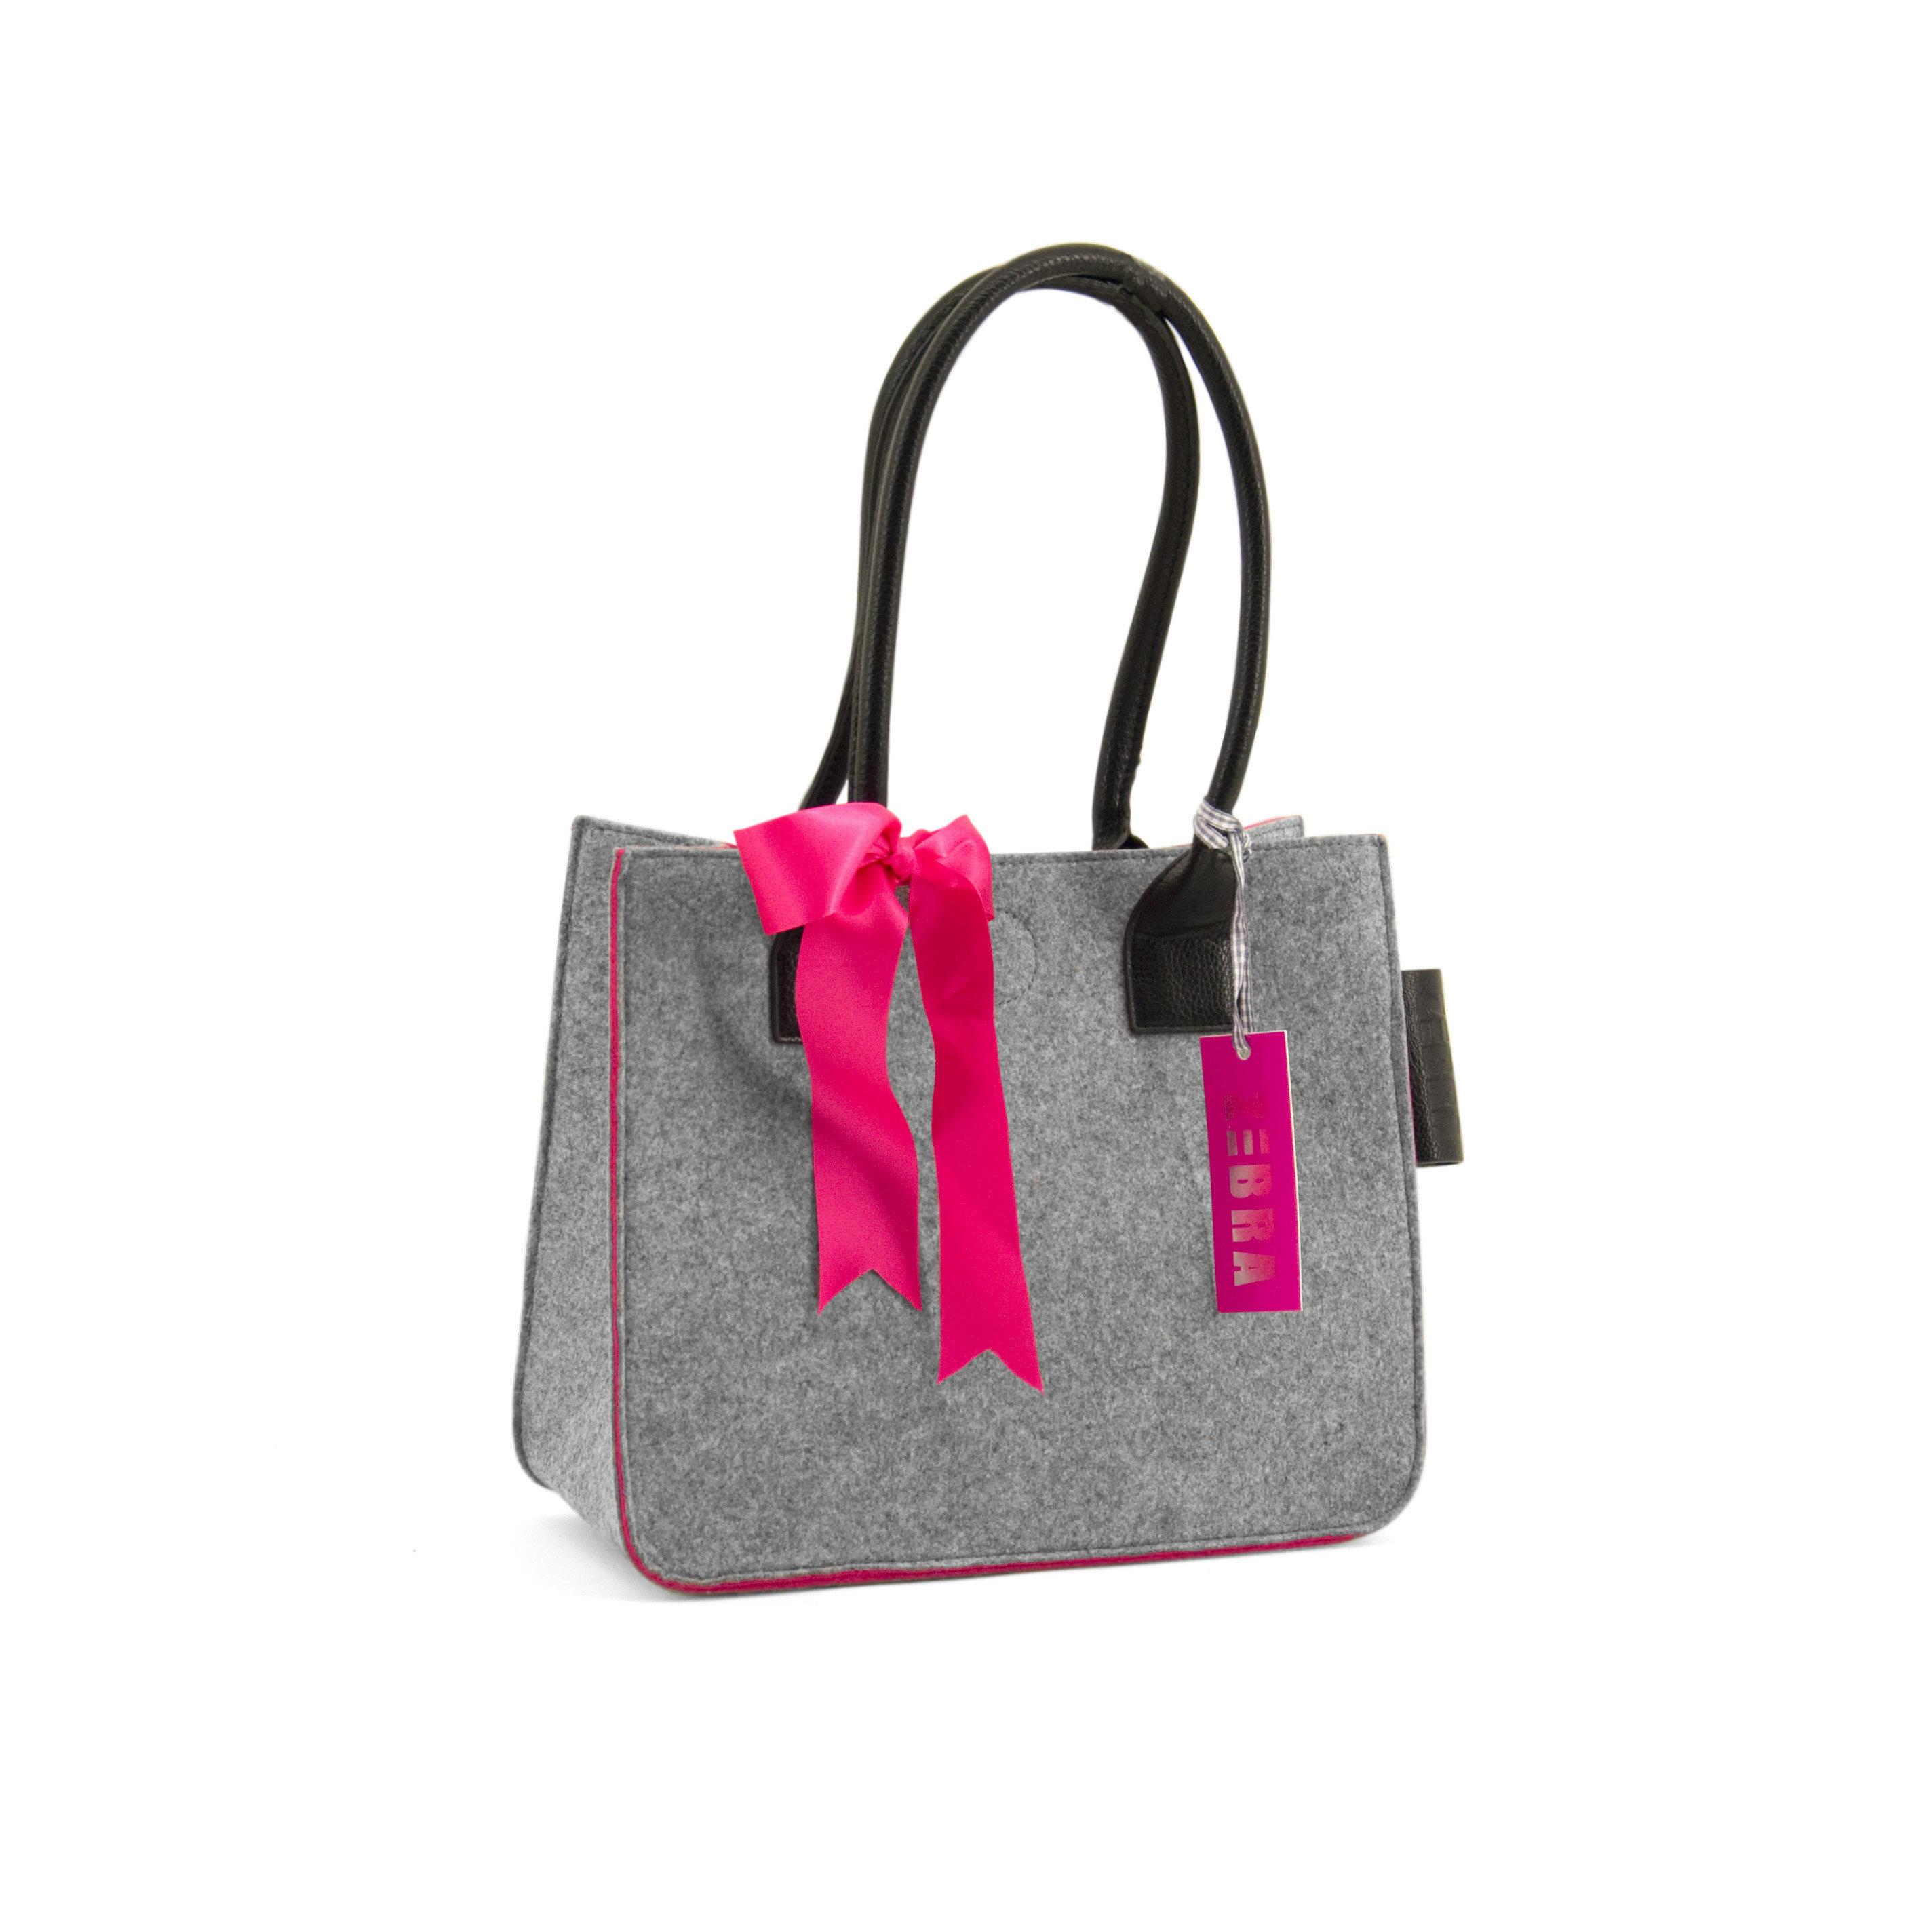 Zebra Trends Tassen Dames : Zebra trends dames natural bag vilt colors grijs jippiejey